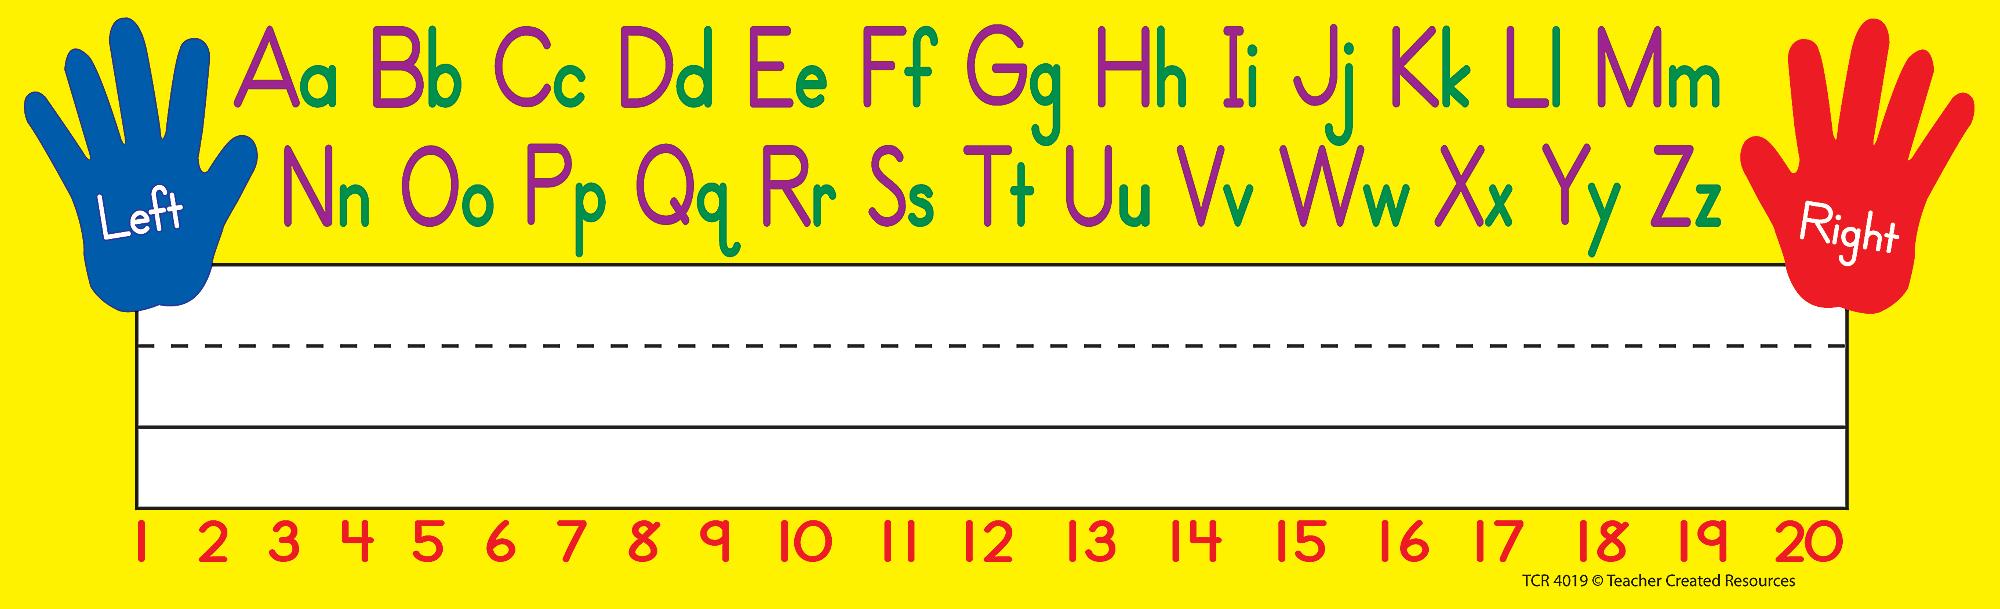 Name Tags For Desks Printable - Home Decor - Free Printable Name Tags For School Desks